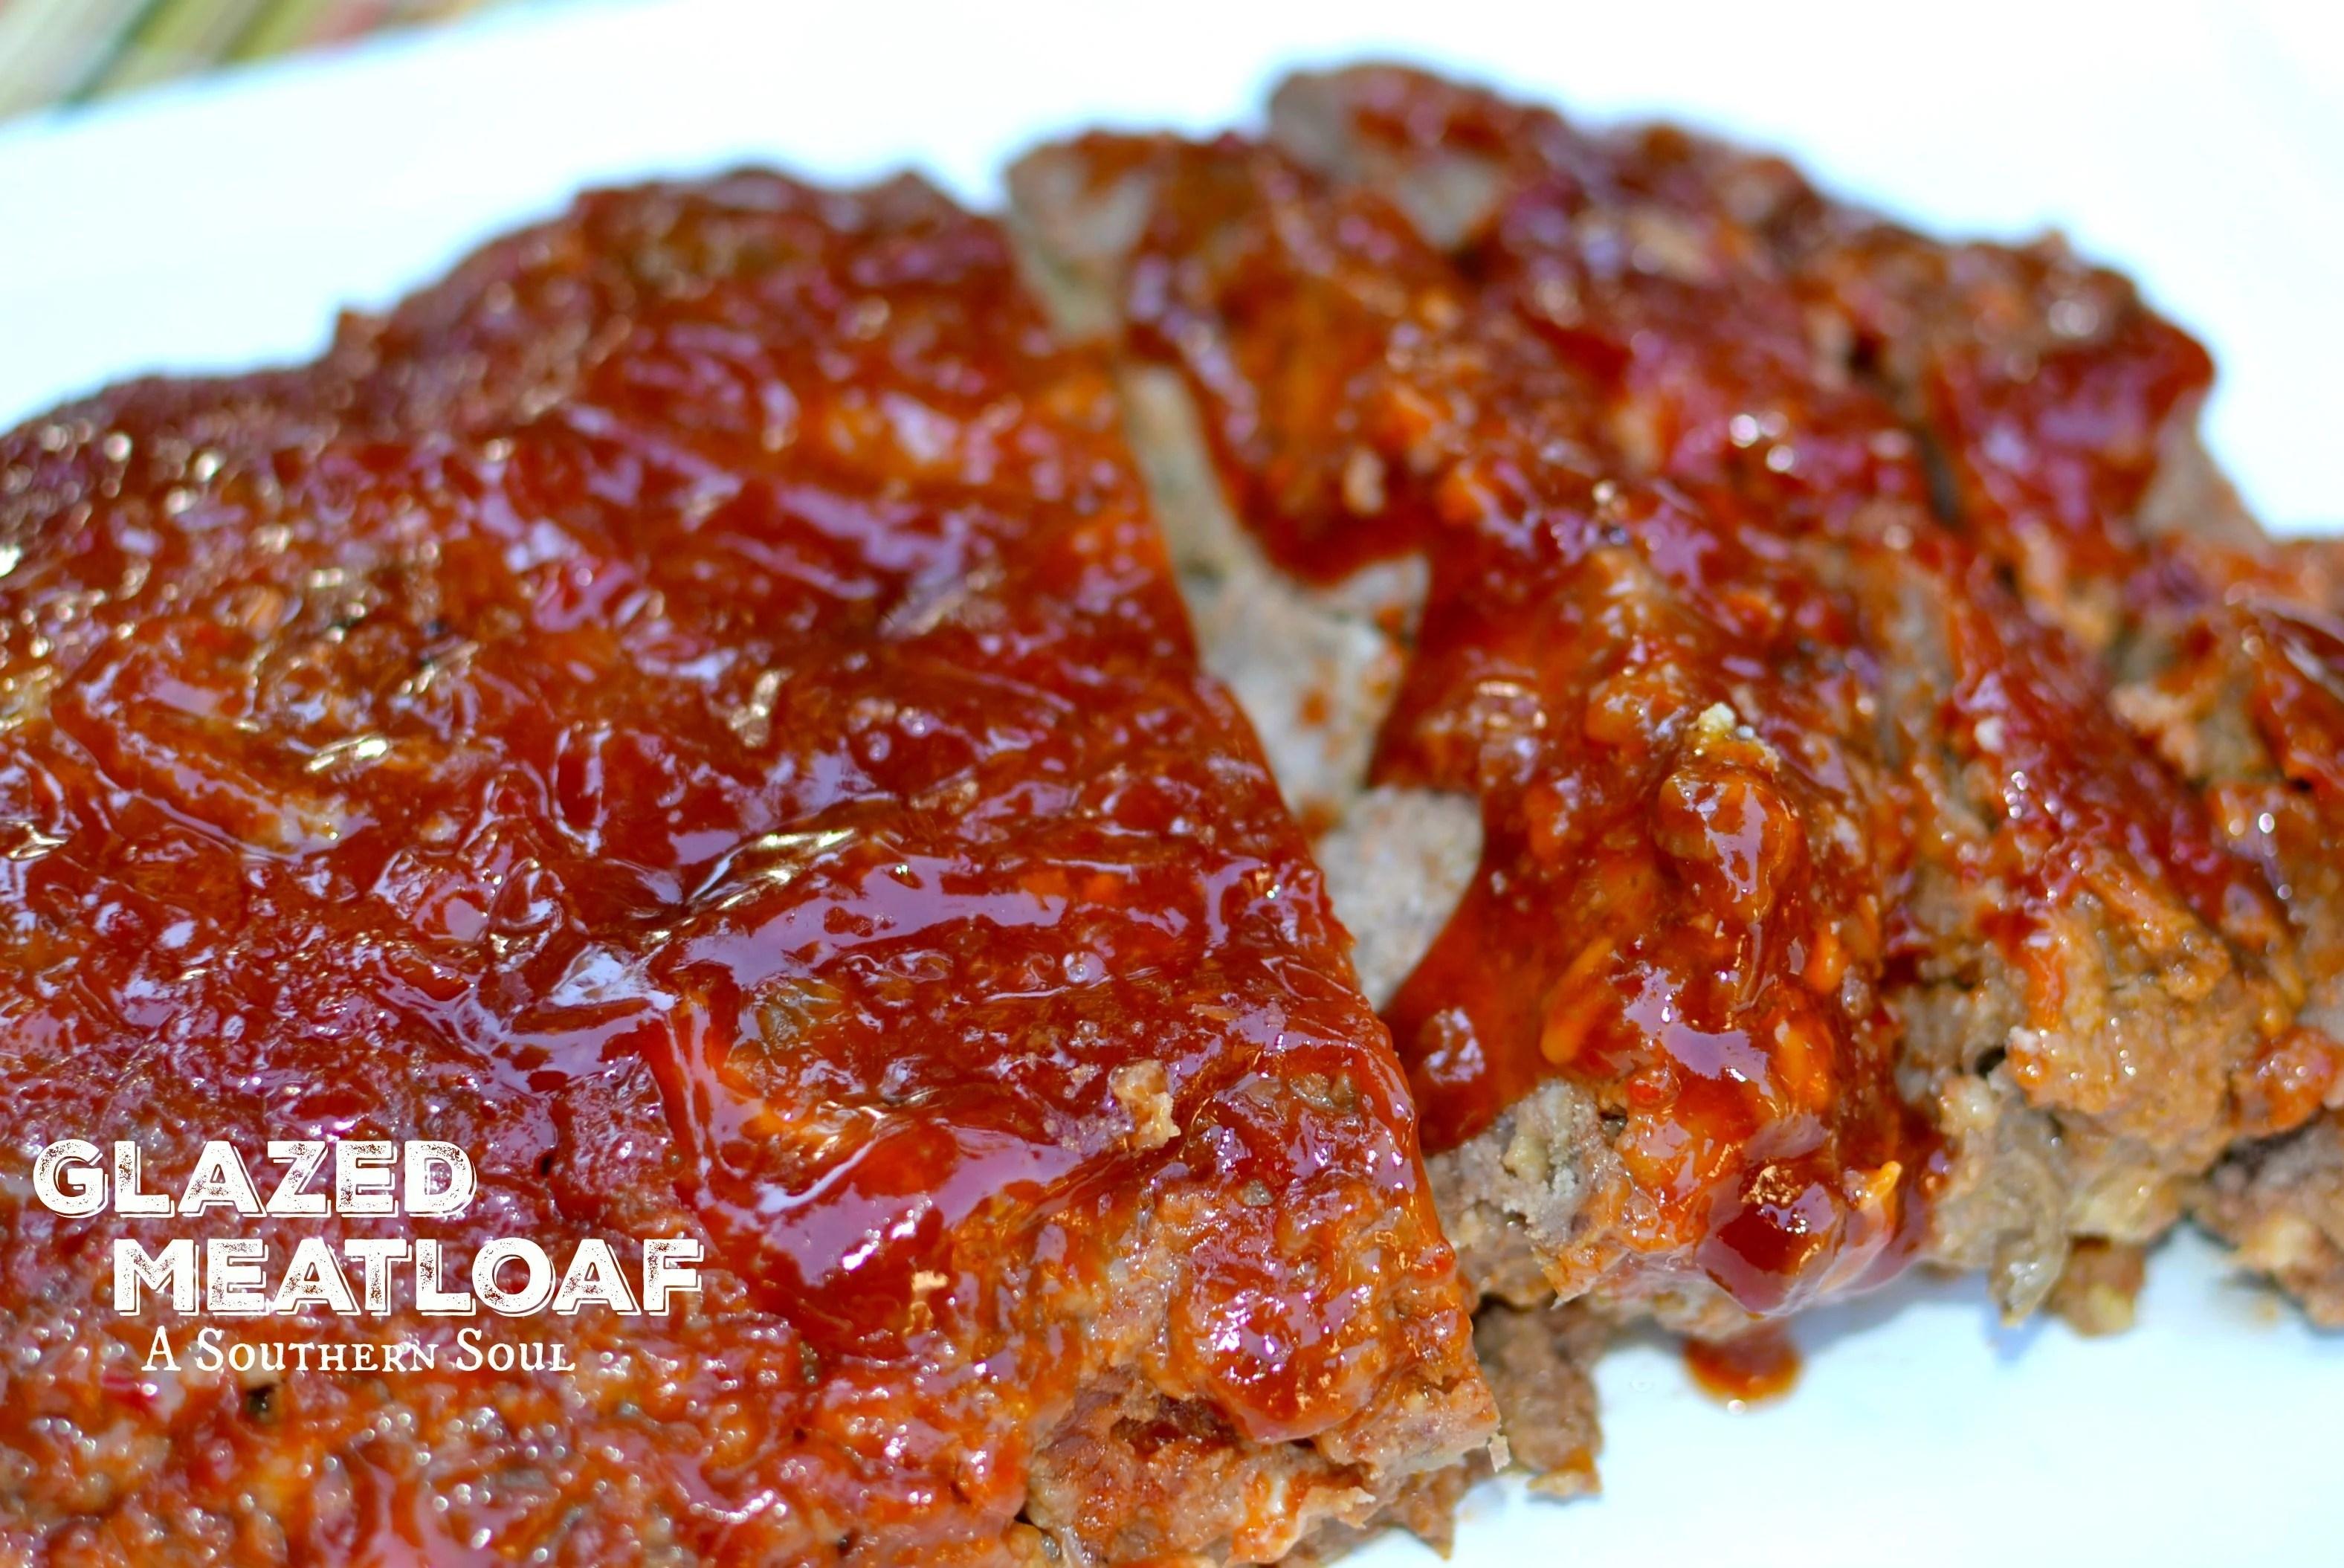 Eye Glazed Meatloaf A Sourn Soul Pioneer Woman Meatloaf Without Bacon Pioneer Woman Meatloaf Pan nice food Pioneer Woman Meatloaf